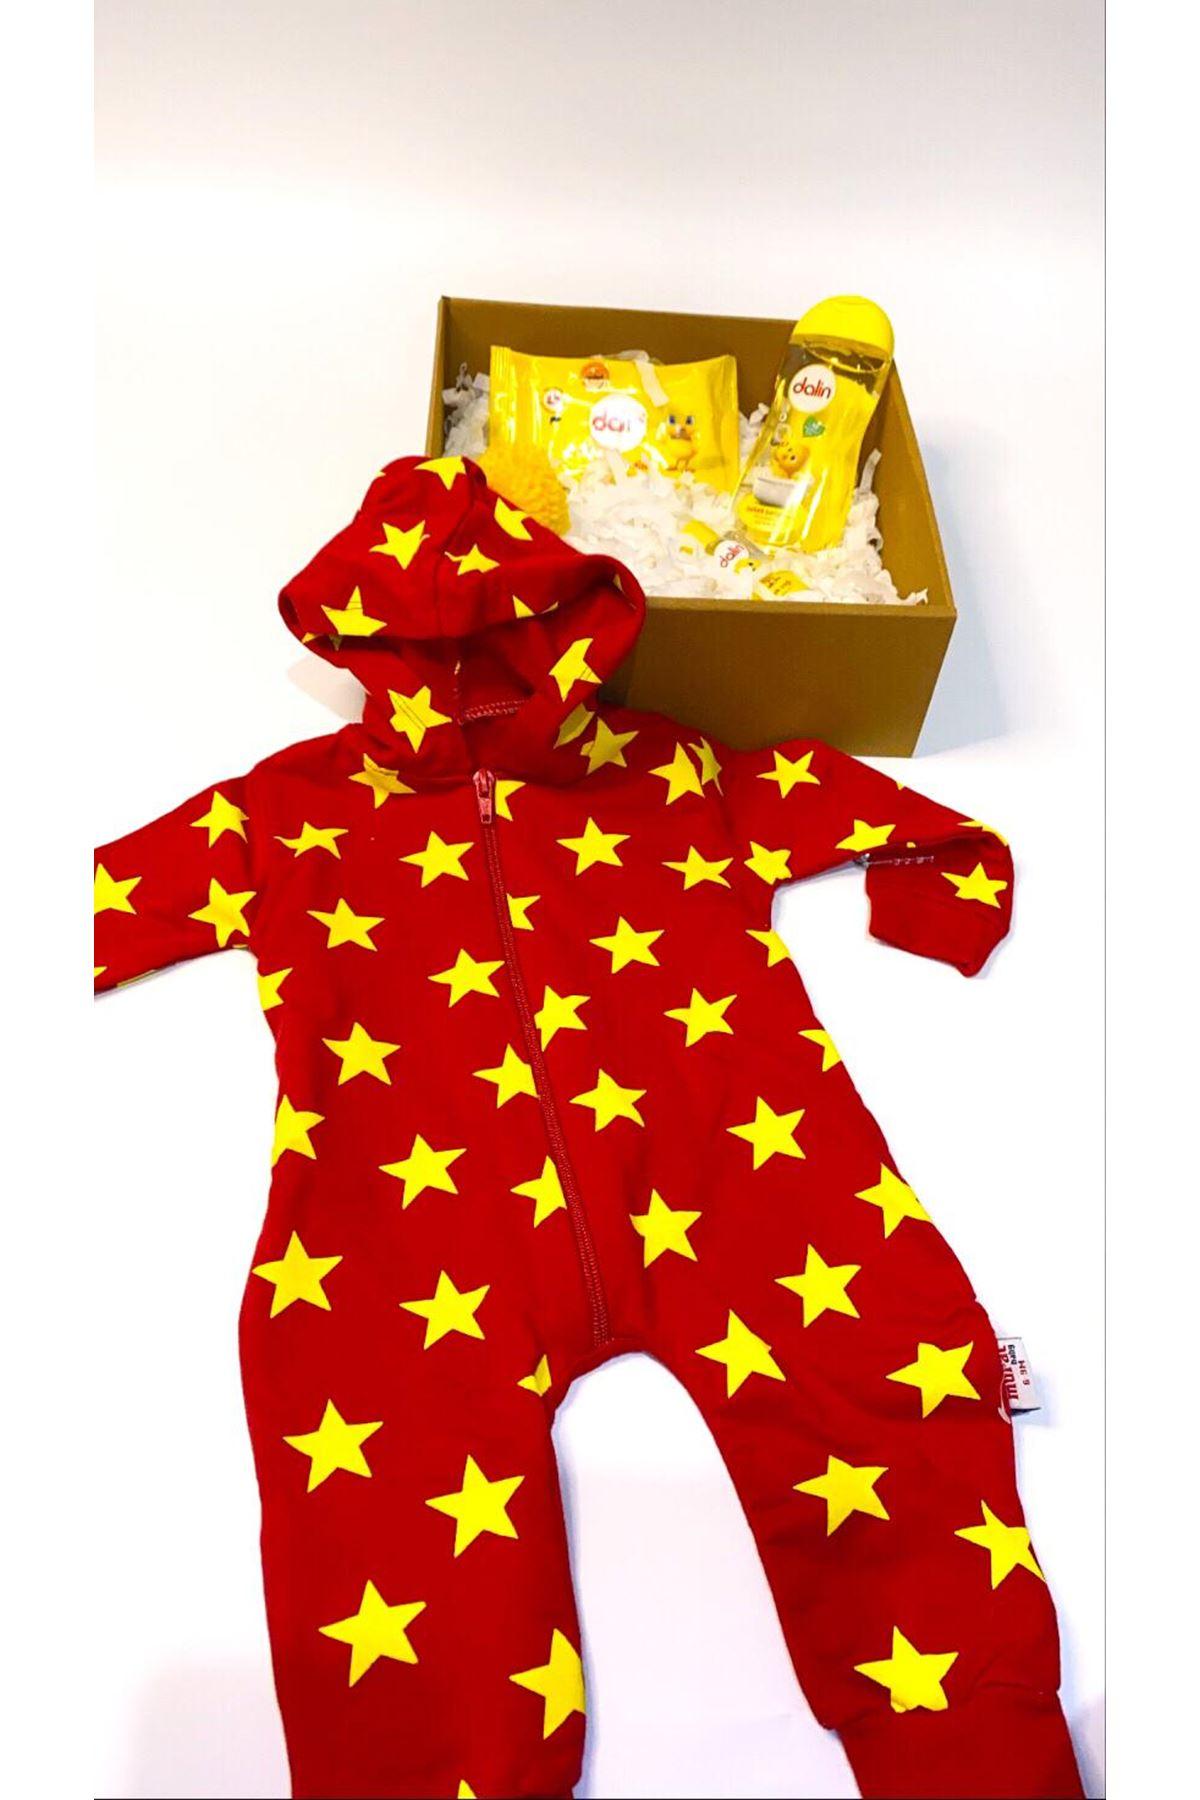 Dalinli ve Kapşonlu Yıldızlı Bebek Tulum Bebek Hediye Kutusu